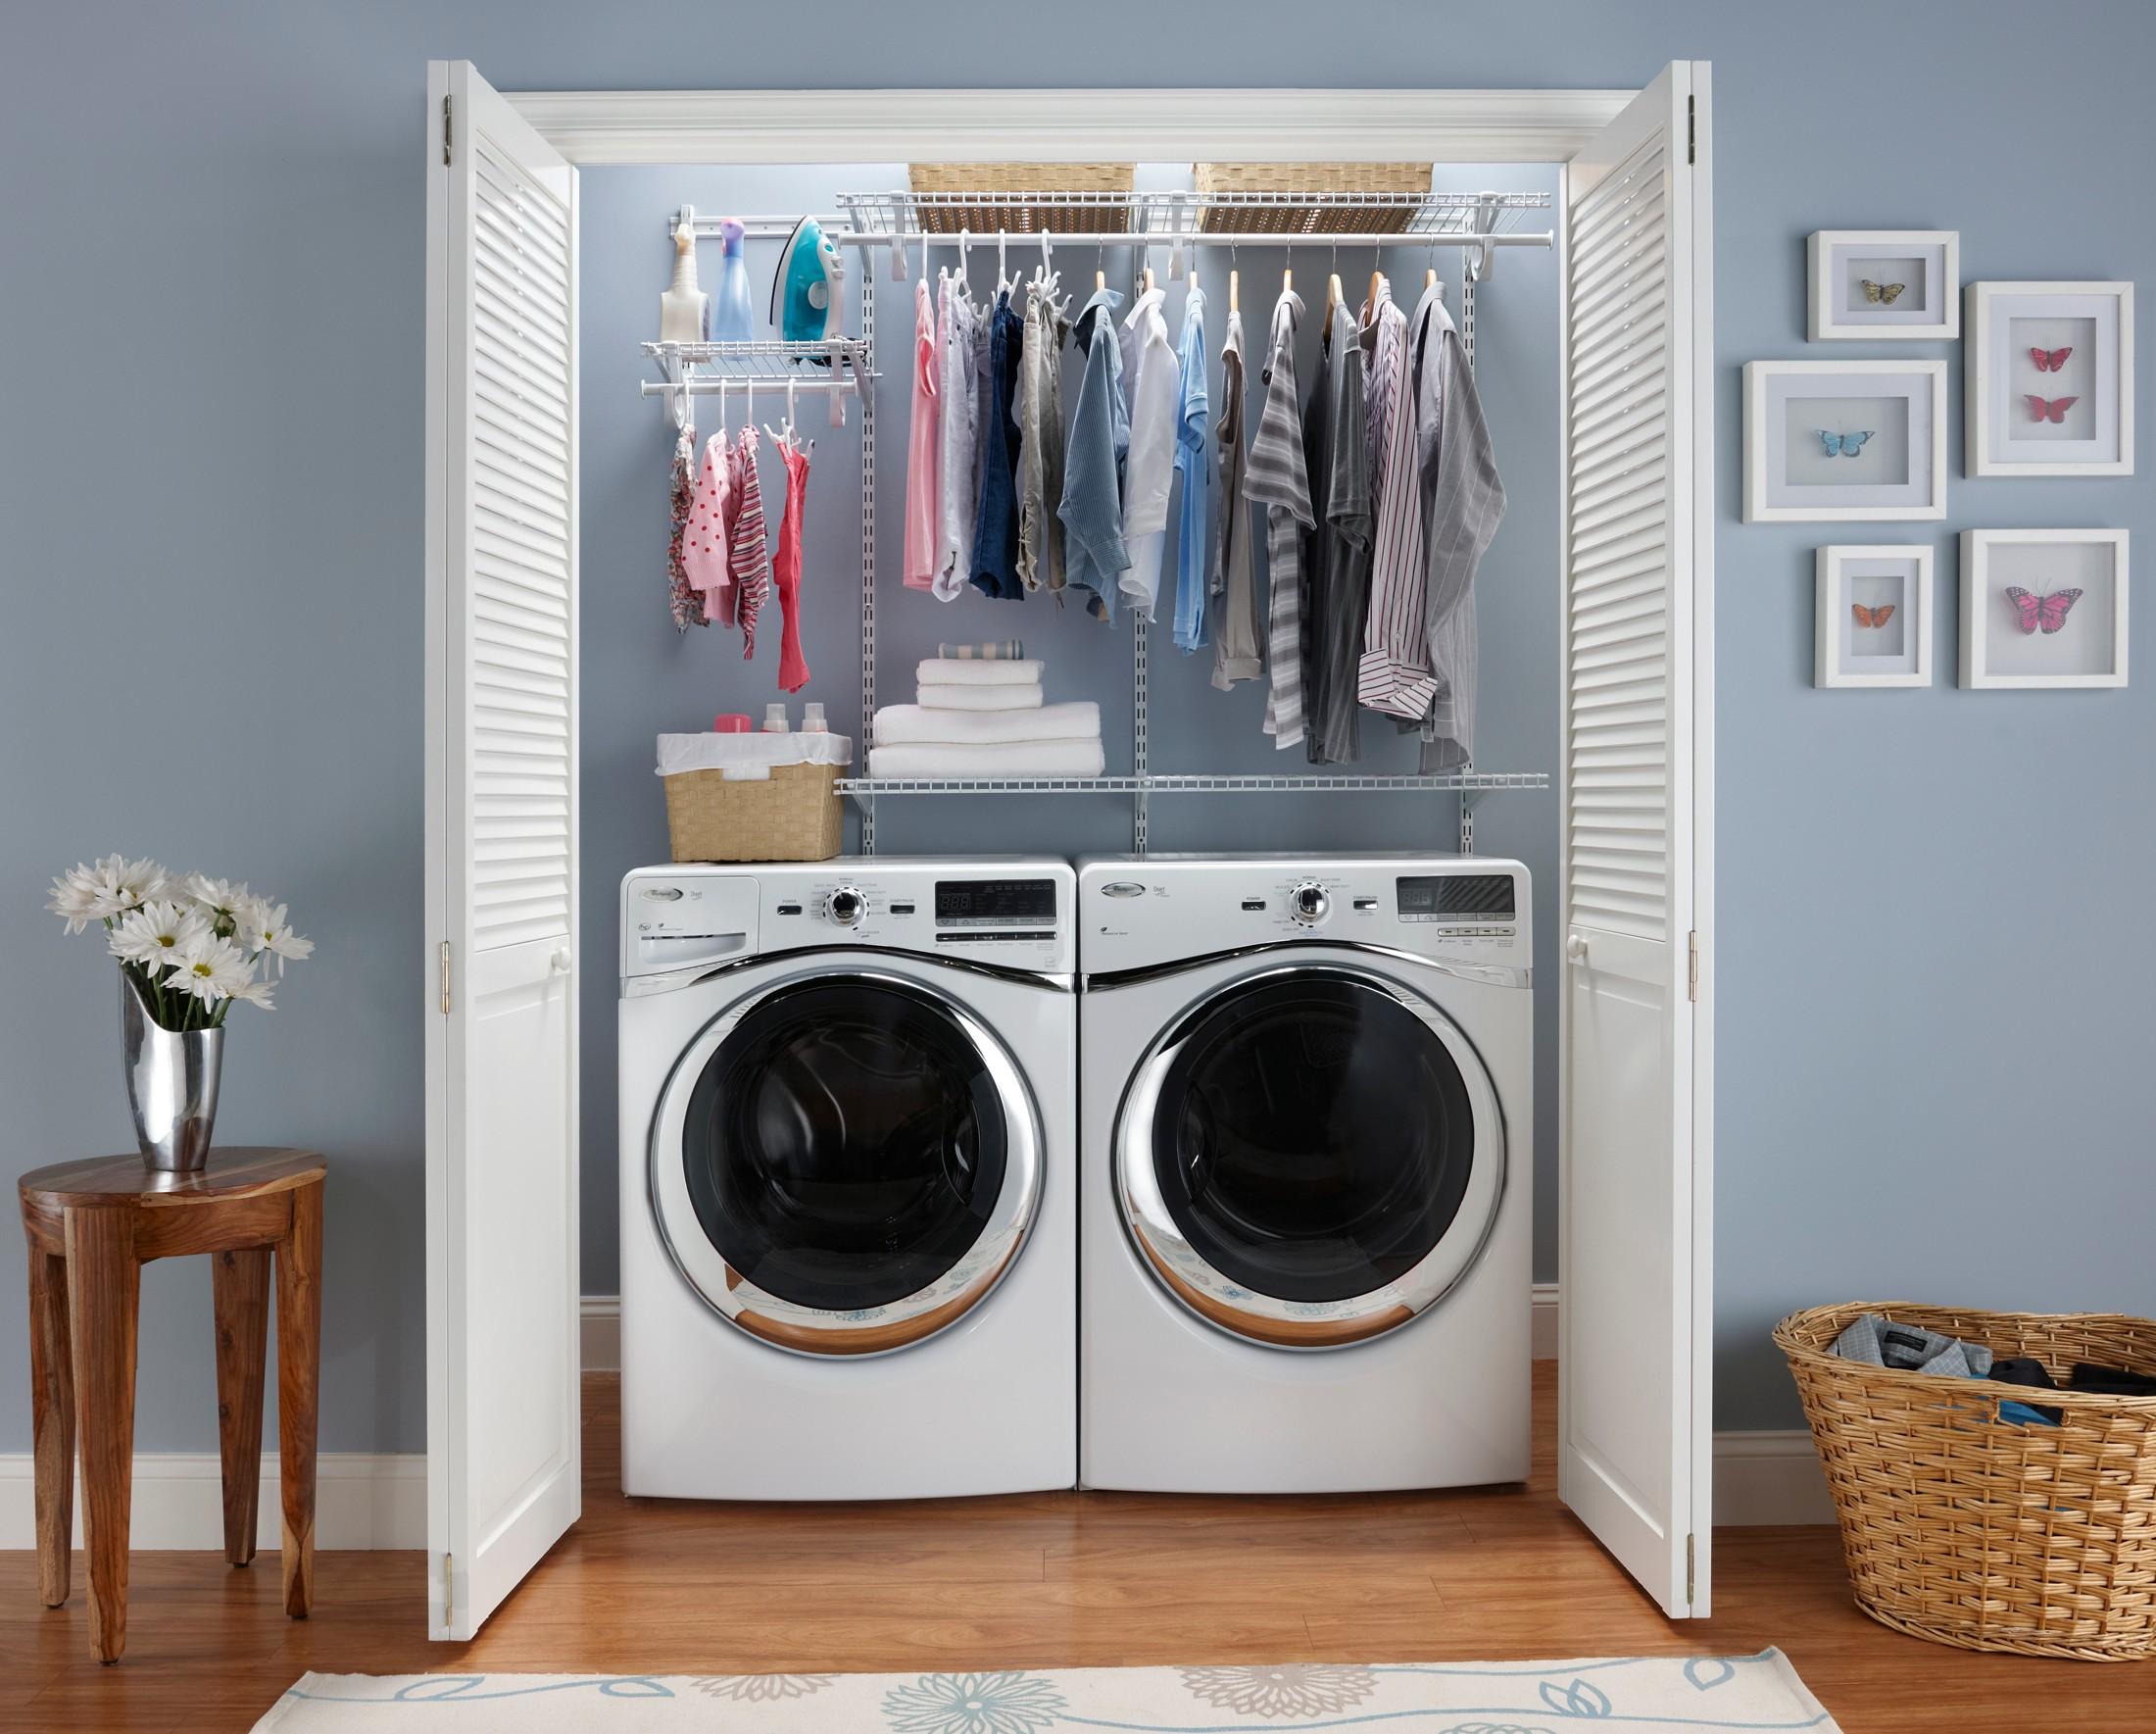 ごちゃつく【洗濯ハンガー】どう収納する?すっきりアイデア収納術のサムネイル画像